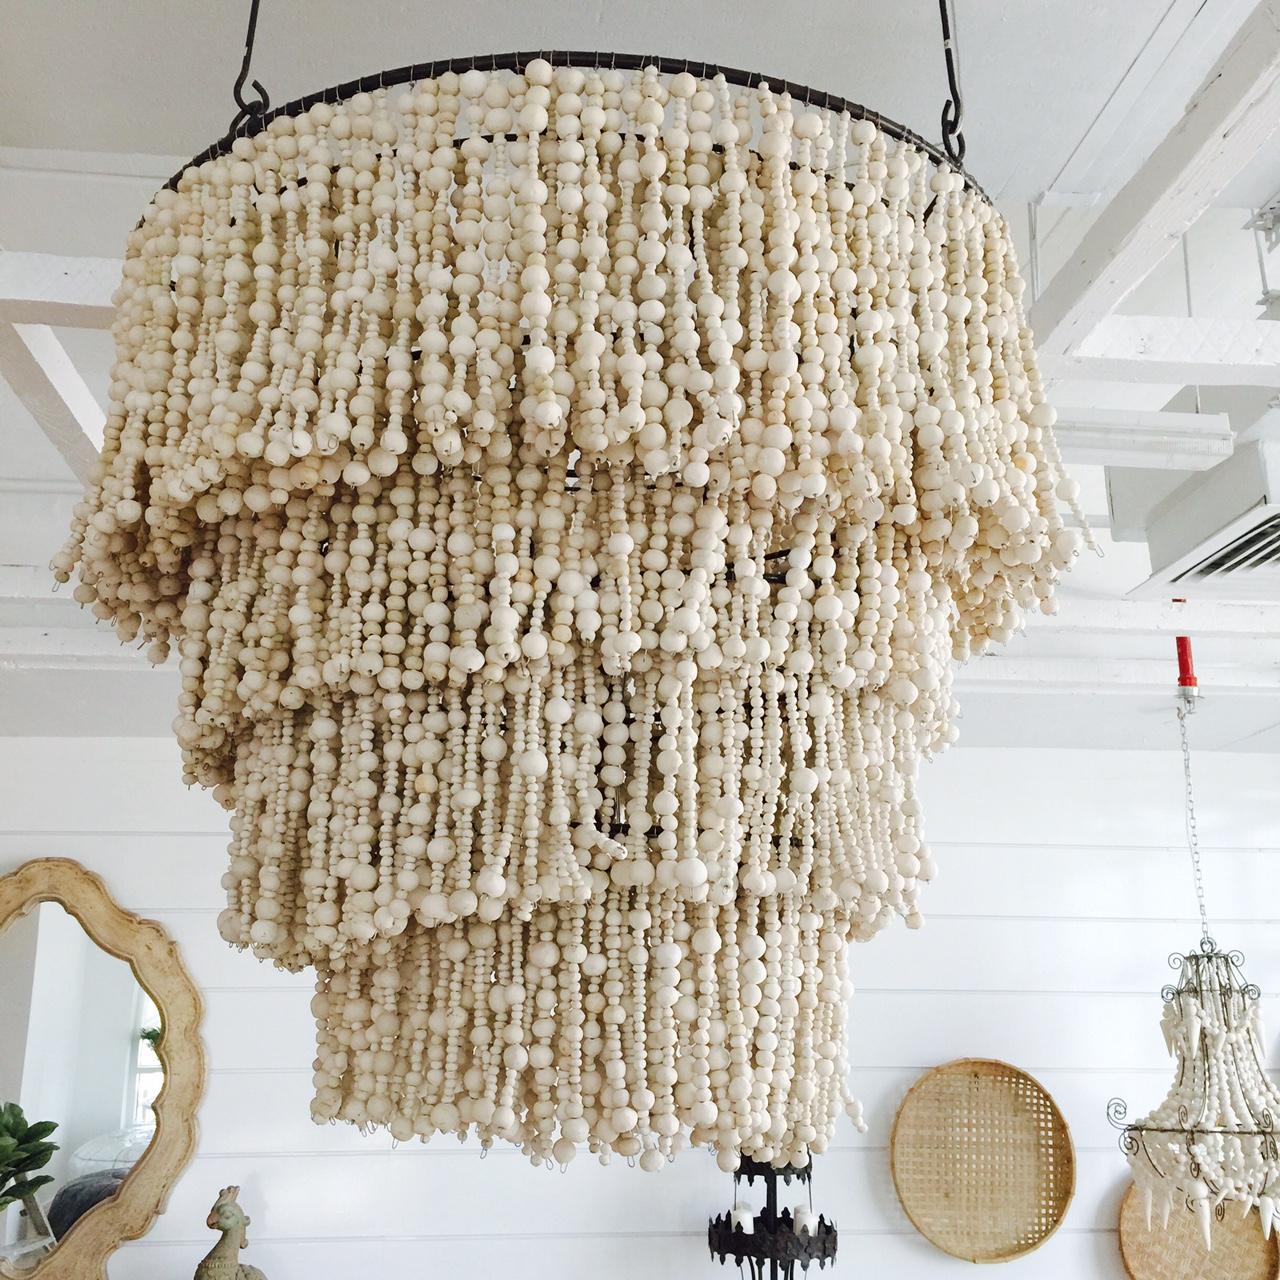 Mud large chandelier.jpg